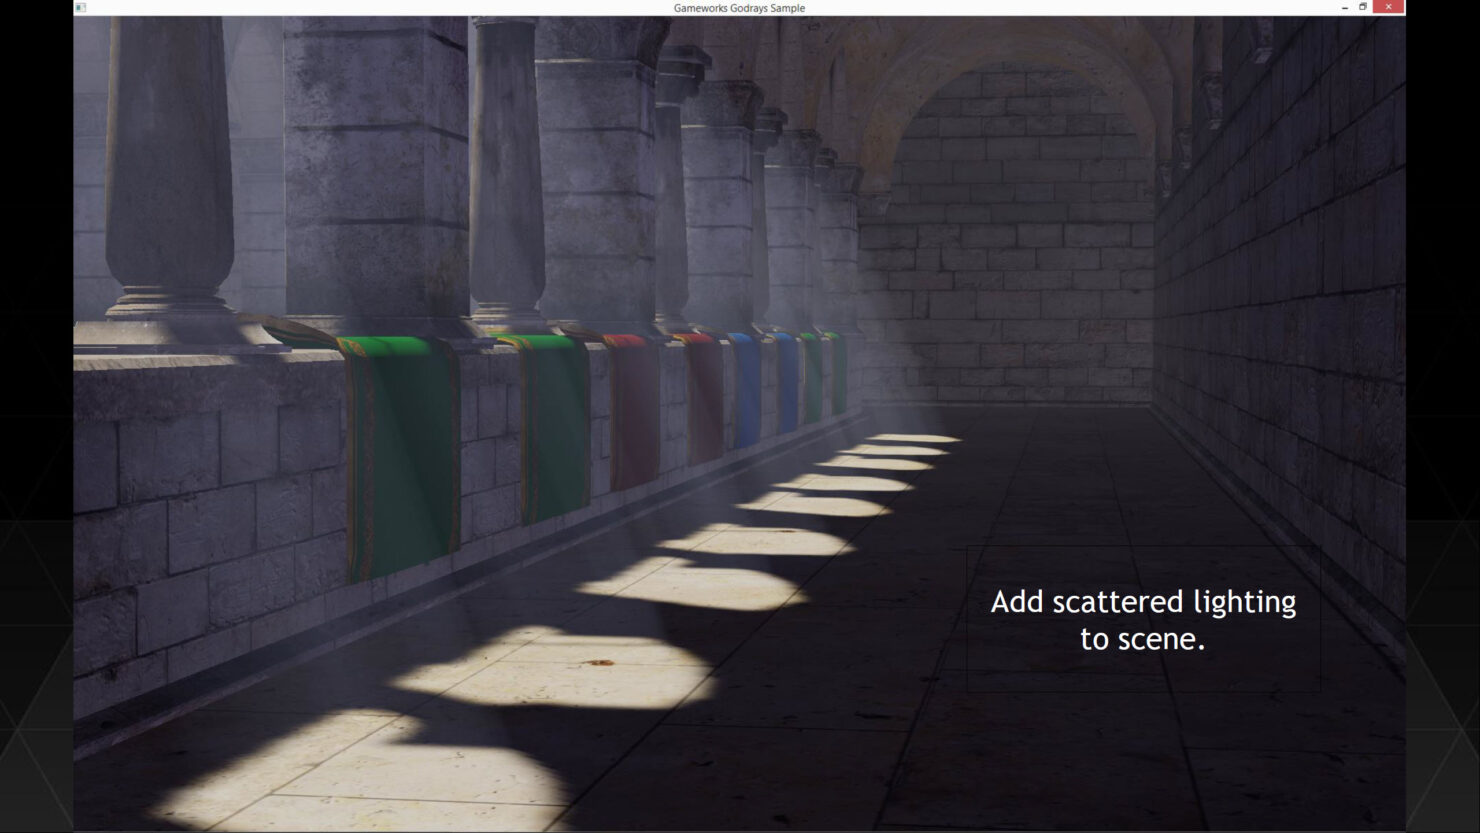 nvidia-gameworks-3-1-sdk_7